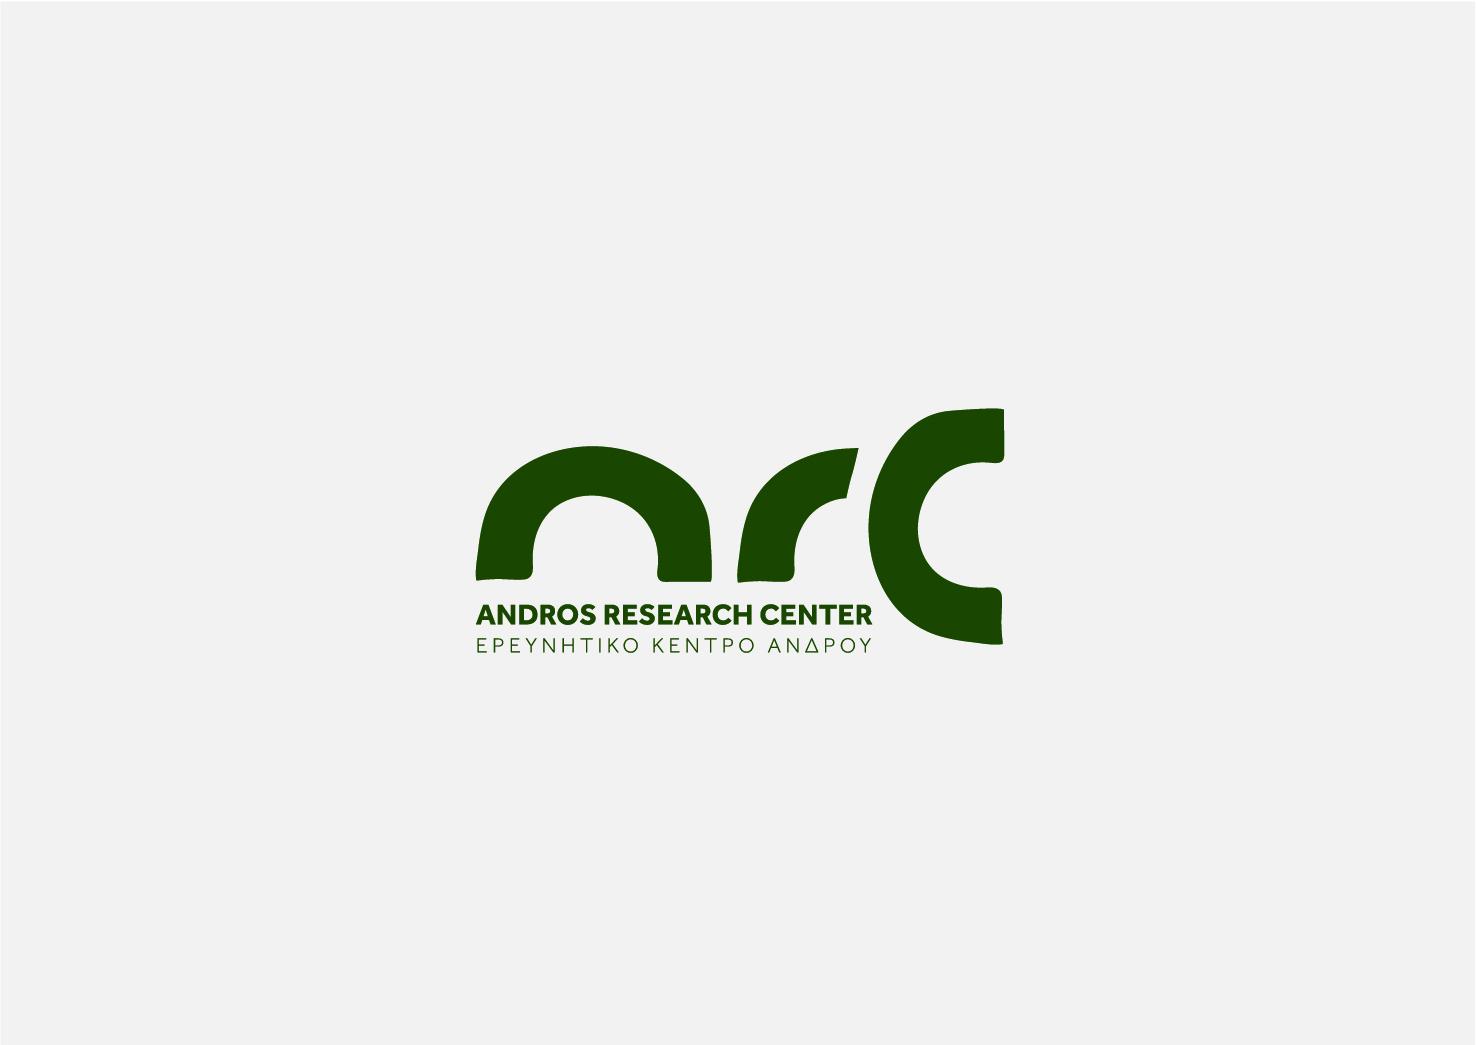 Κέντρο Σύγχρονης Έρευνας & Δράσης για την Άνδρο